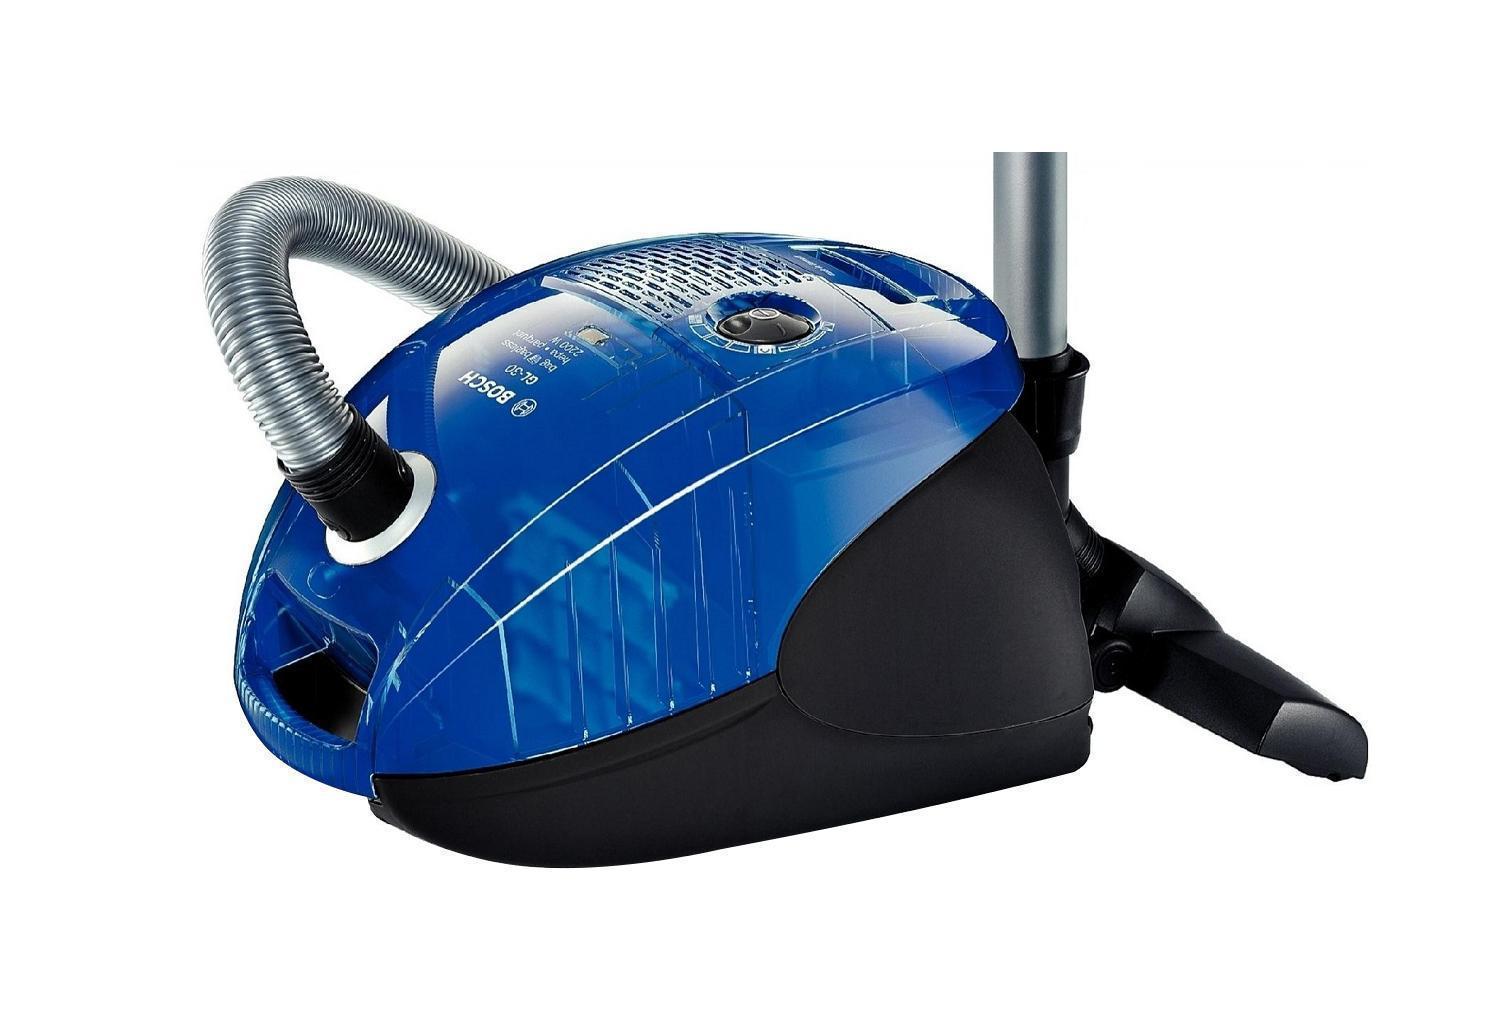 Bosch BSGL 32383BSGL32383Создать идеальный пылесос, который понравится абсолютно каждому человеку и органично впишется в любой дом, невозможно. Слишком разные у нас потребности и квартиры... Но отчаиваться рано. Bosch представляет вашему вниманию несколько серий пылесосов. Пылесосы Bosch отличаются дизайном, оснащением и размерами. Но существует нечто неизменное, сопутствующее каждому из них, — безупречное качество. Пылесосы Bosch устанавливают новые стандарты гигиены с помощью безупречных систем фильтрации, достигают невиданной мощности в своей работе, дарят вам неповторимое ощущение свободы день за днем долгие годы.